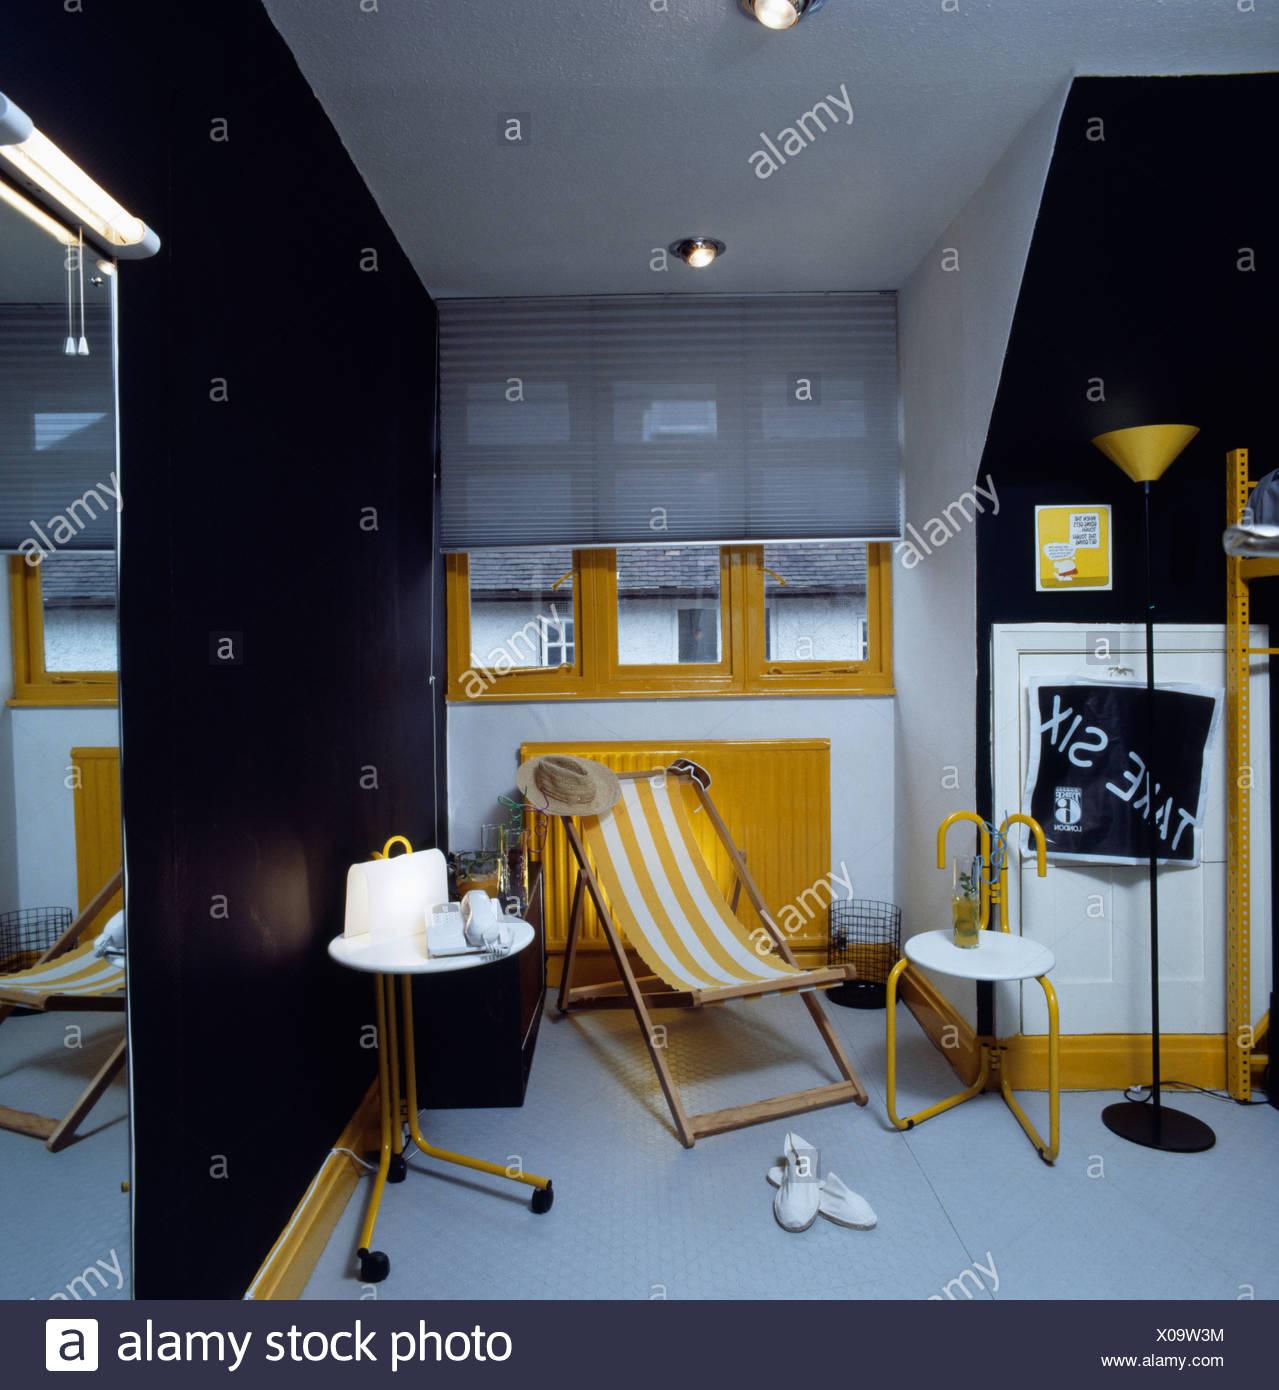 chambre de l 39 adolescent dans le grenier avec mur noir et jaune pr sident et peintures banque d. Black Bedroom Furniture Sets. Home Design Ideas